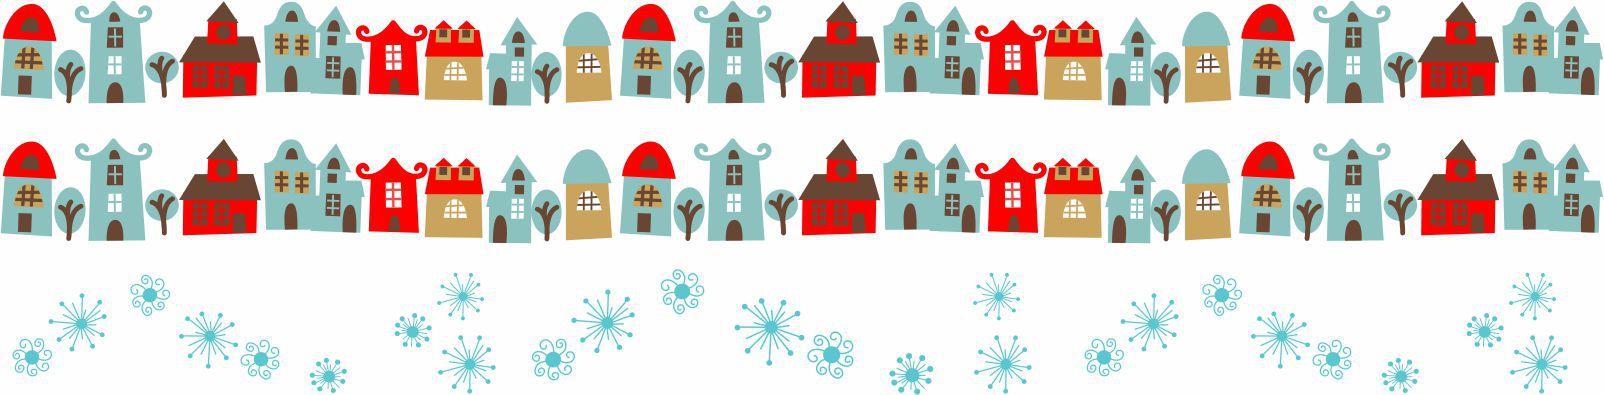 Decalque para Porcelana - Faixa de Natal -  Papai Noel Casinha